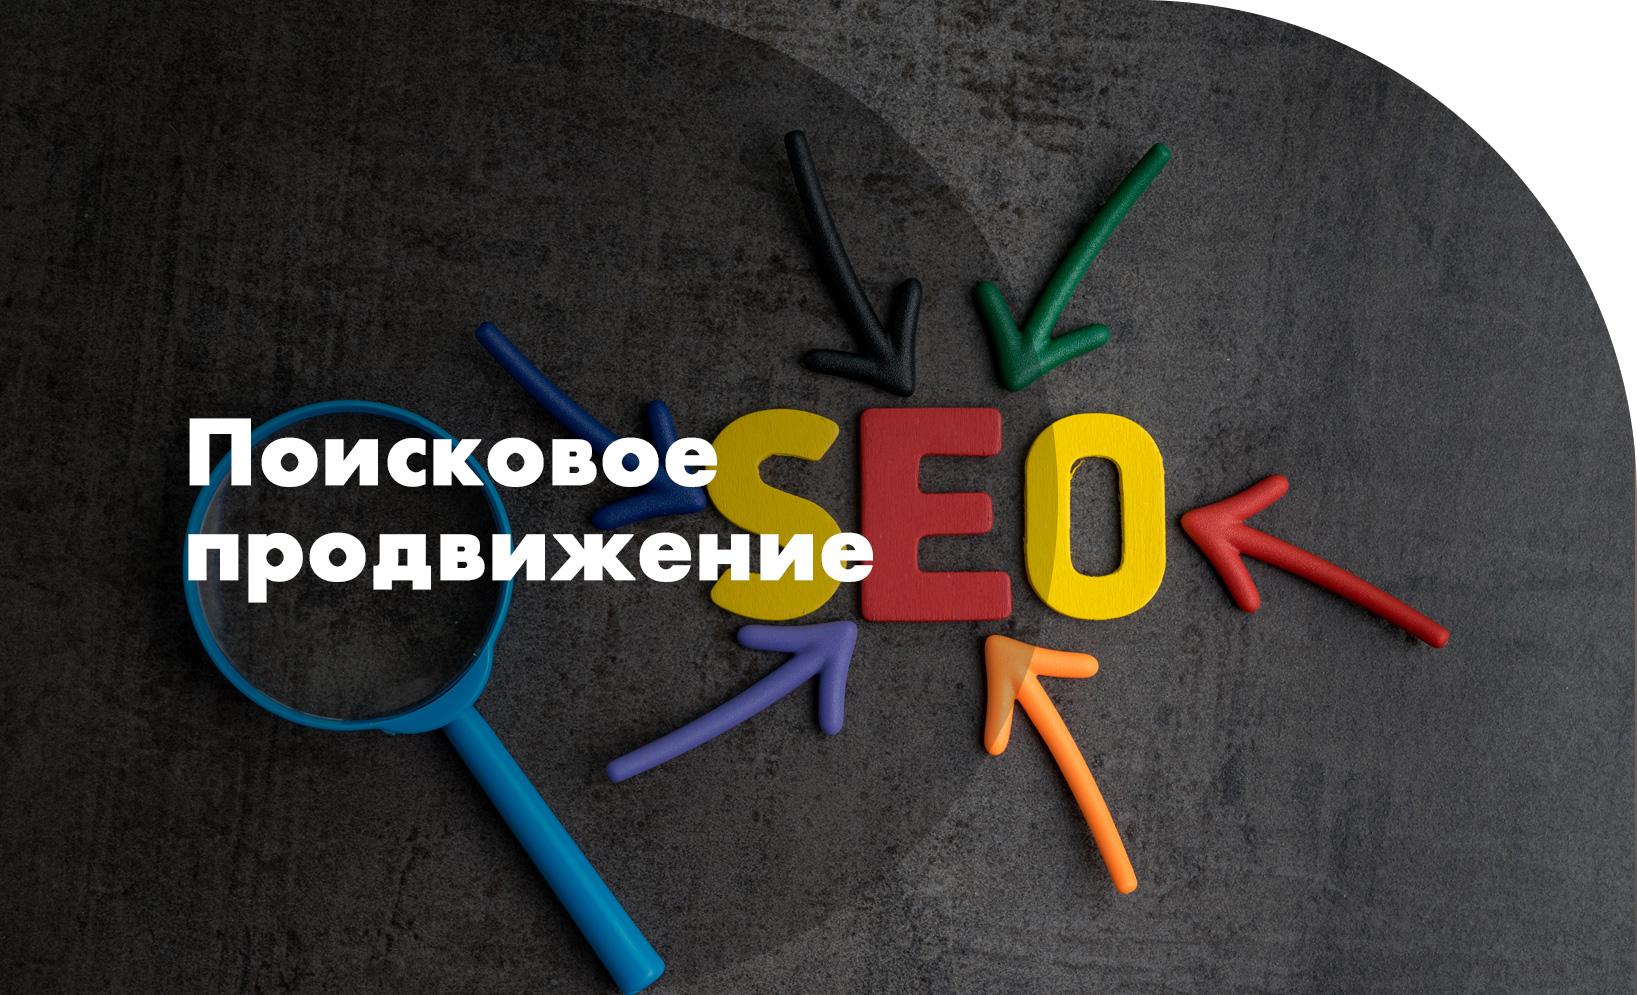 Продвижение сайта в поисковых гугл результат работ по созданию сайта